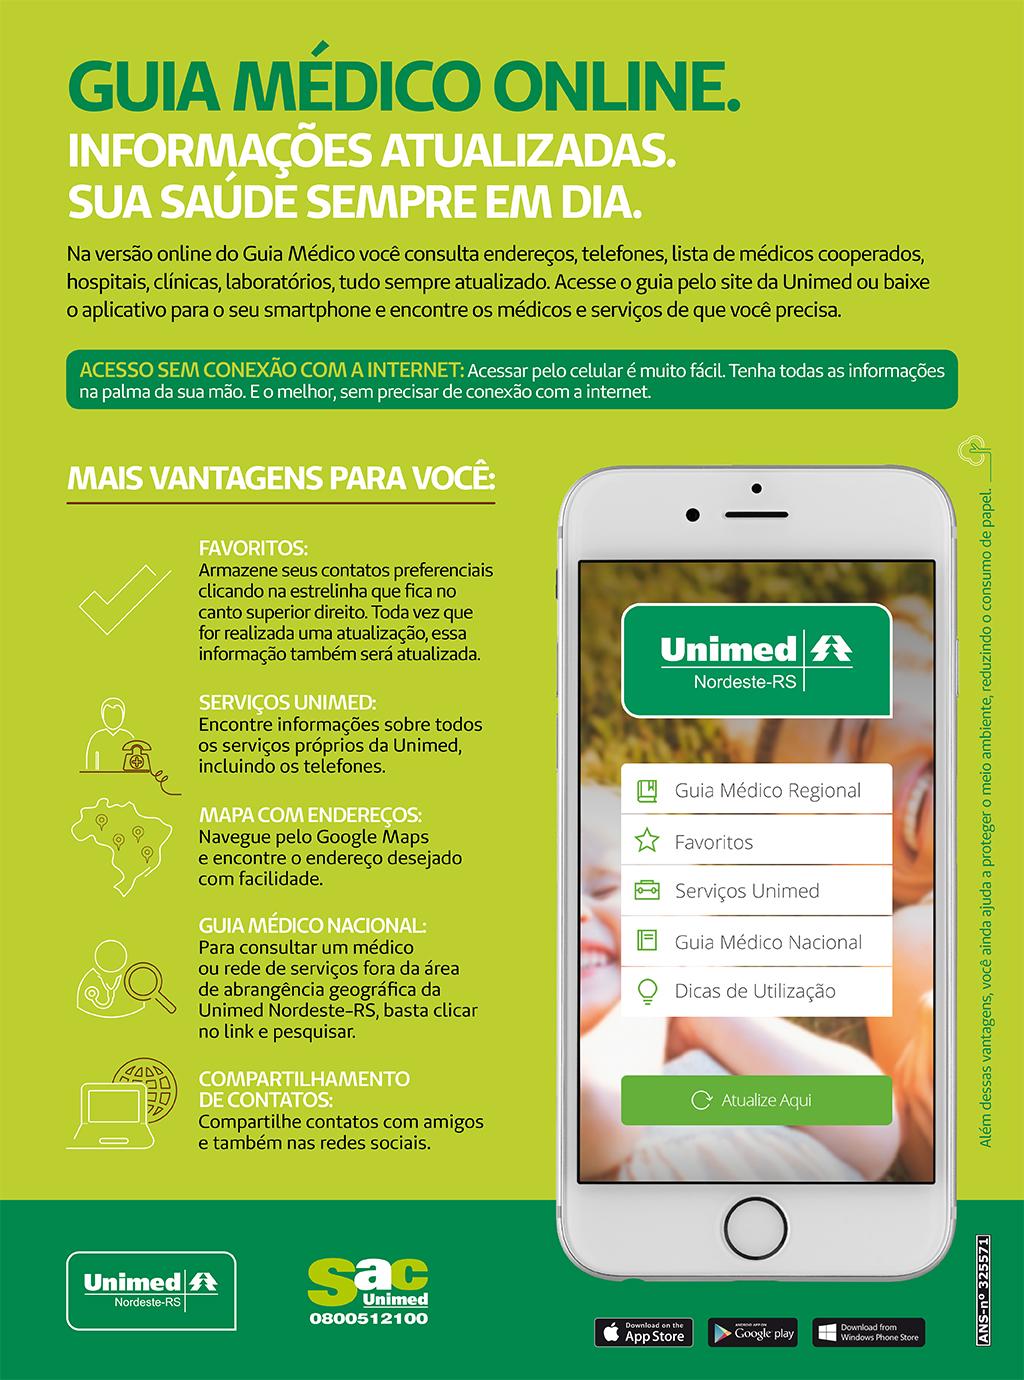 UI-0044-15D Guia Medico Acesso Virtual MailMKT 1024x1380px